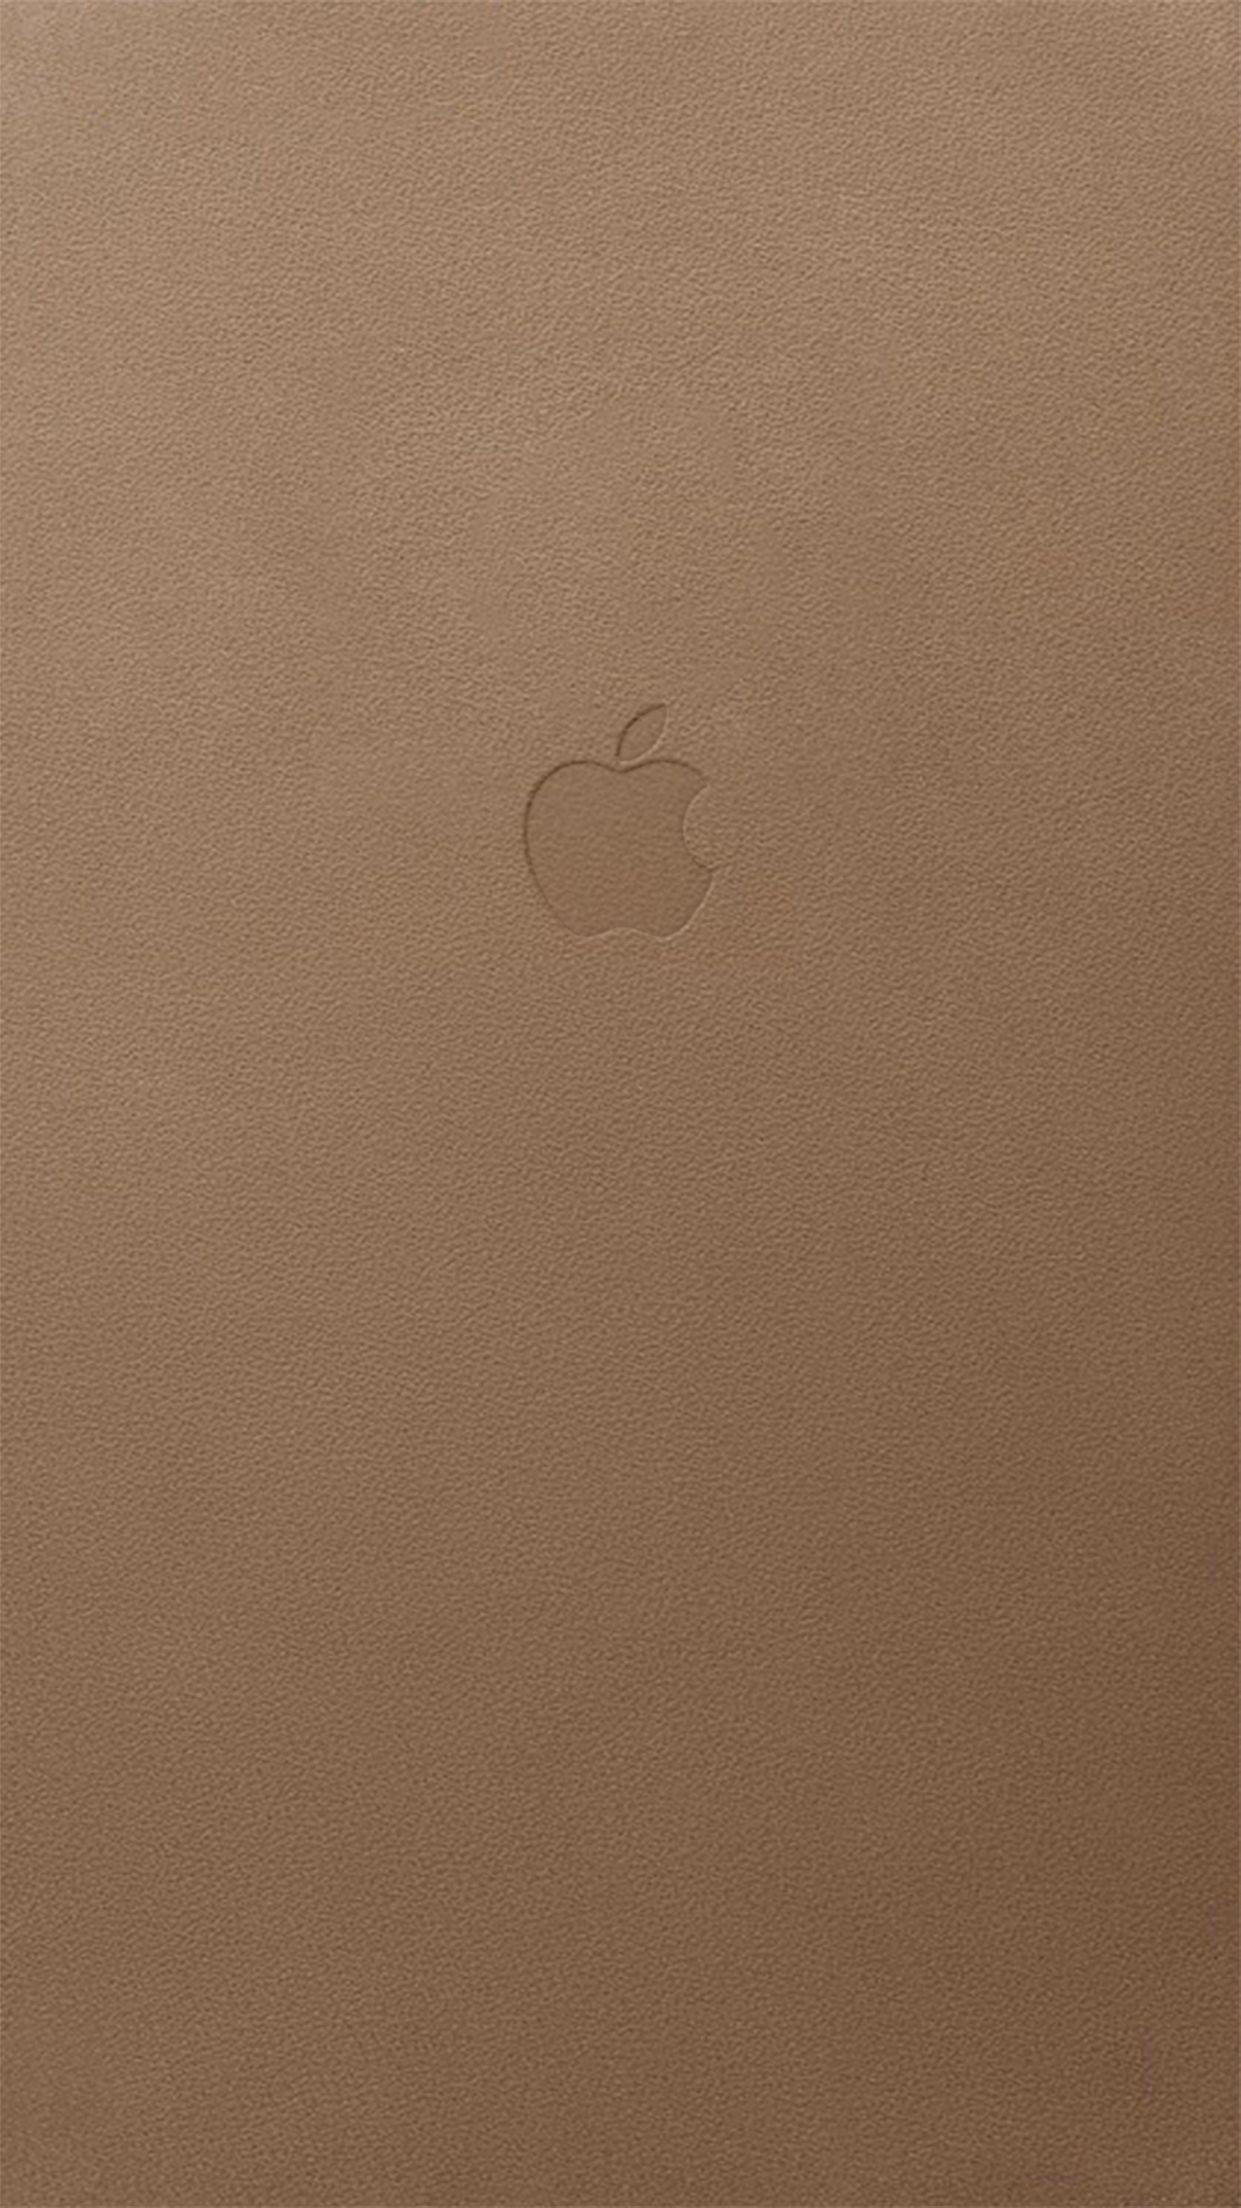 6s Plus Wallpaper Brown Iphone Wallpaper Apple Logo Wallpaper Iphone Apple Wallpaper Iphone